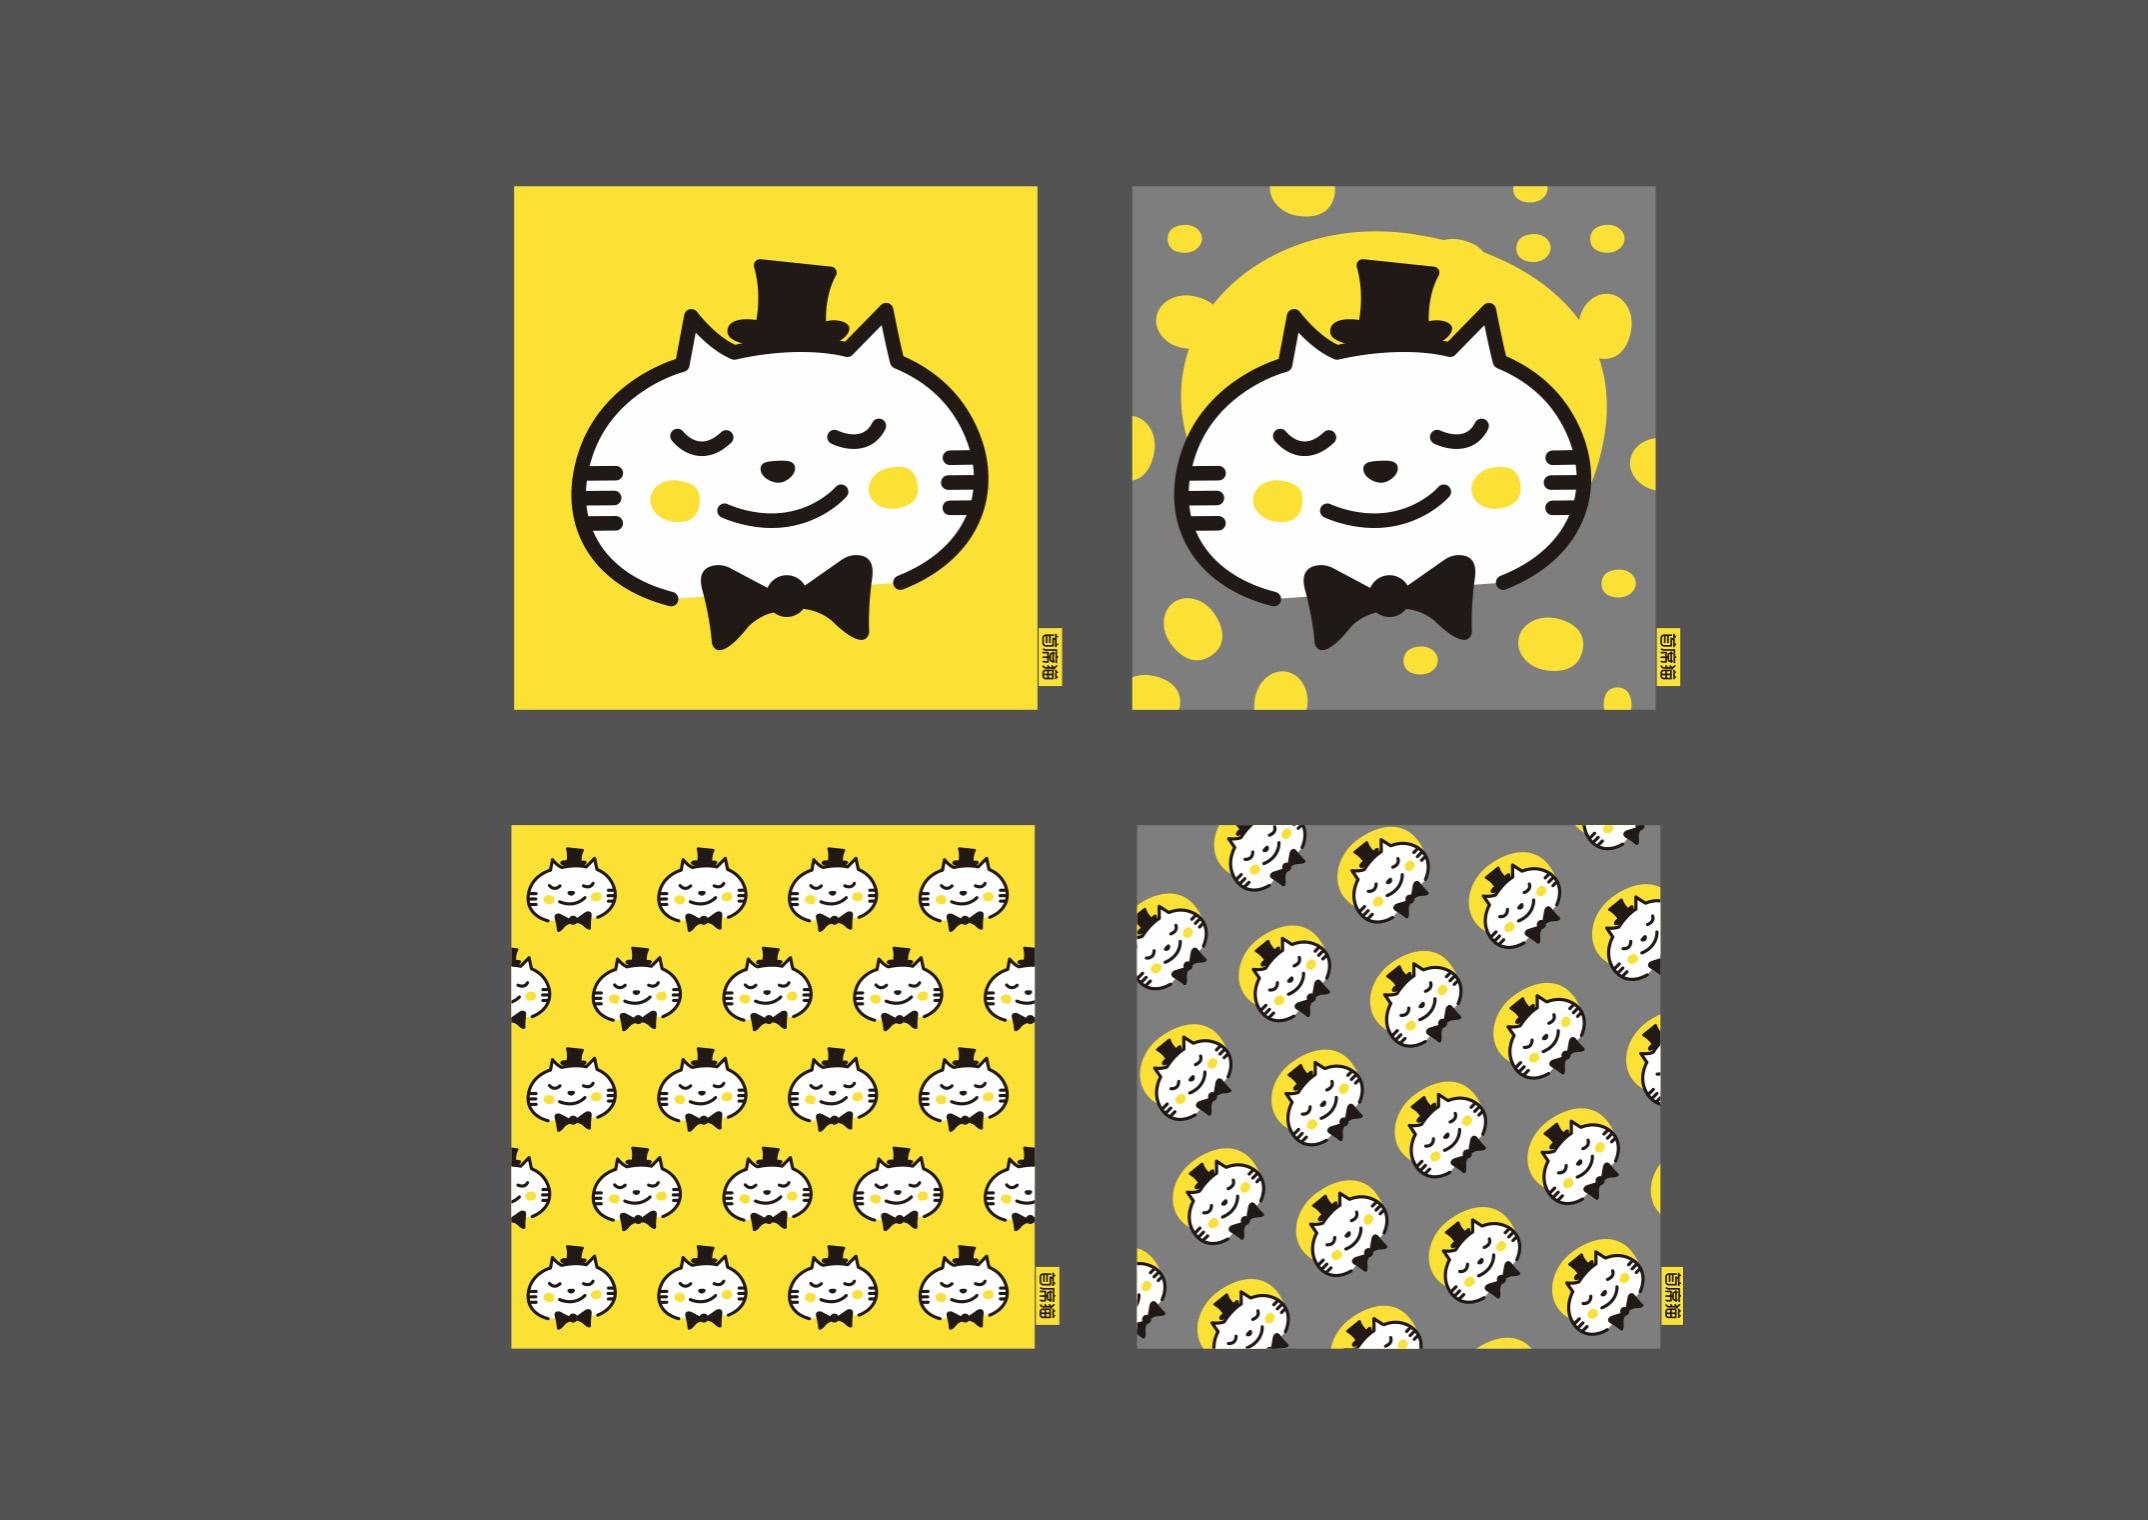 首席猫品牌设计VI-11